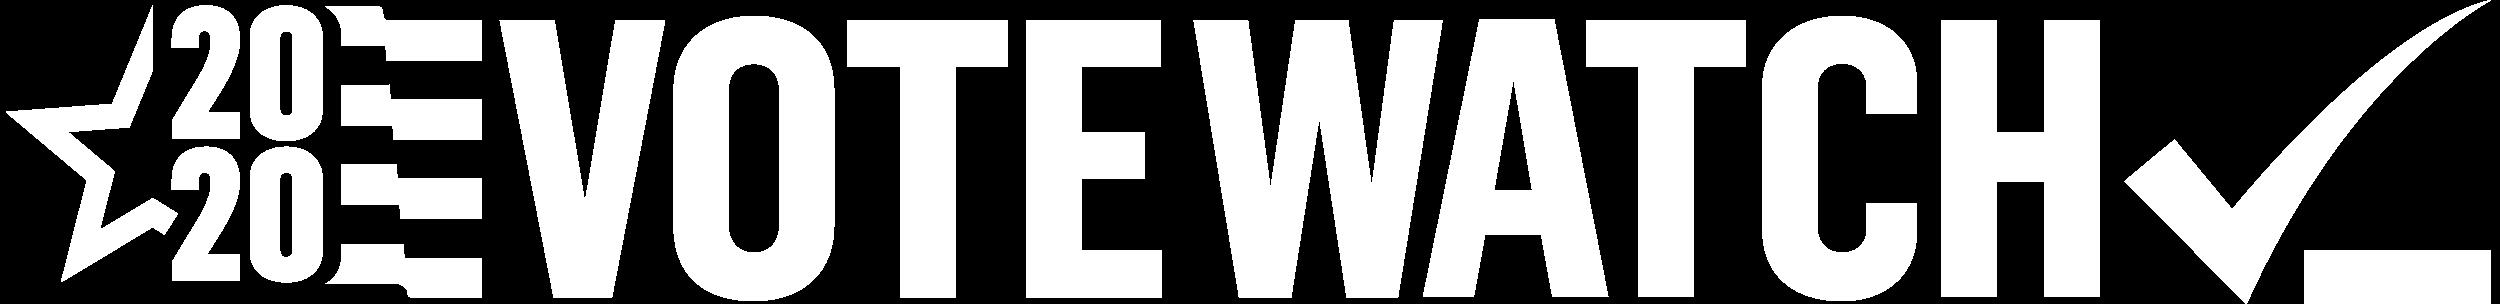 Vote Watch